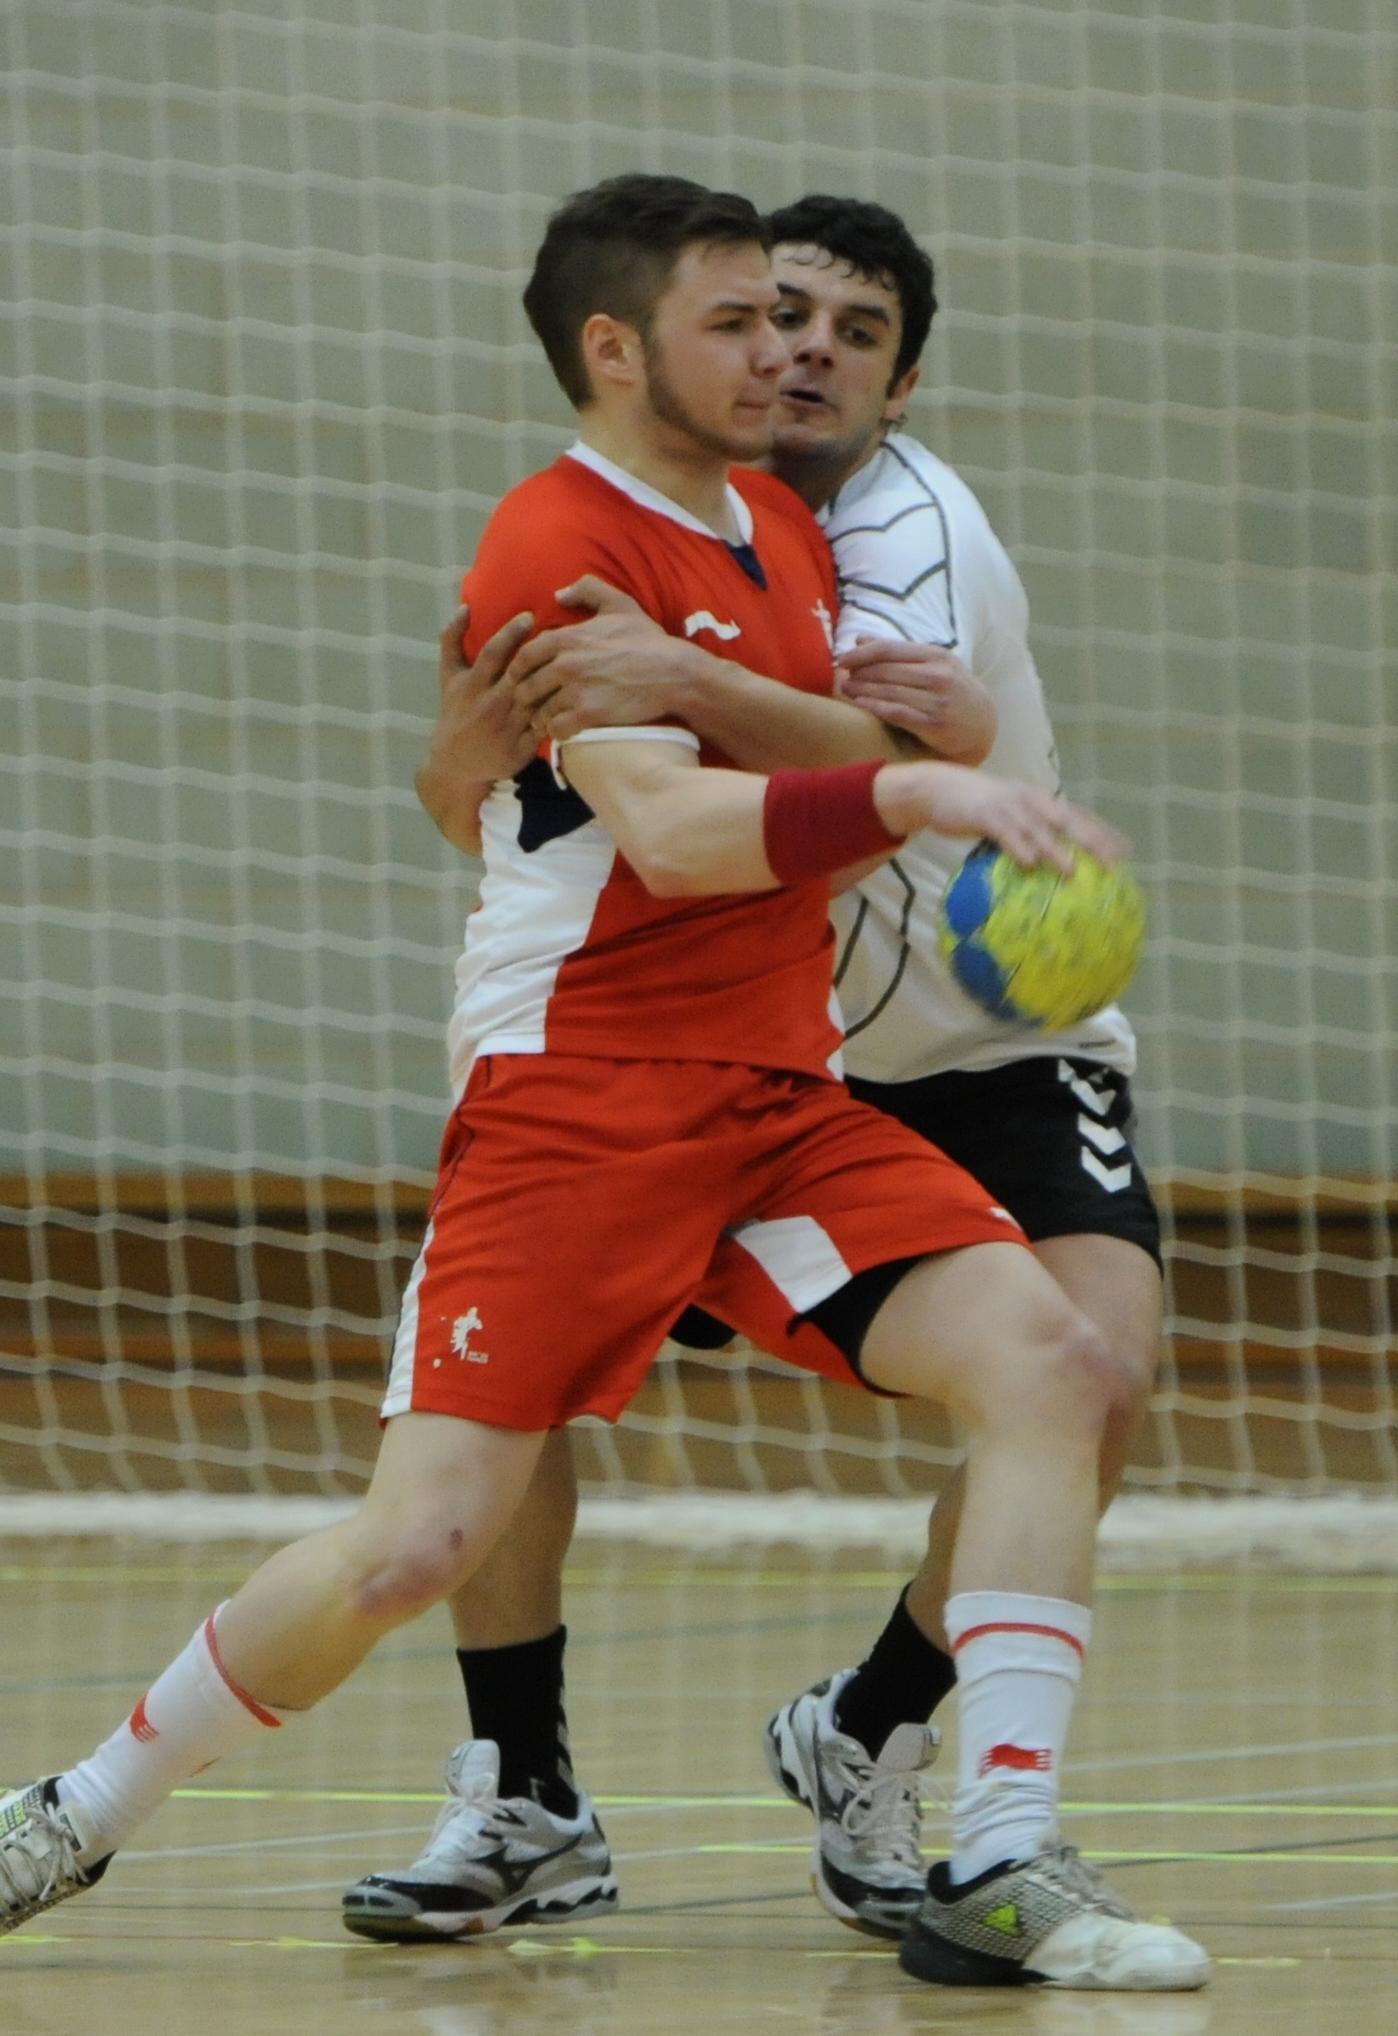 Chris_Mohr_GB_handball